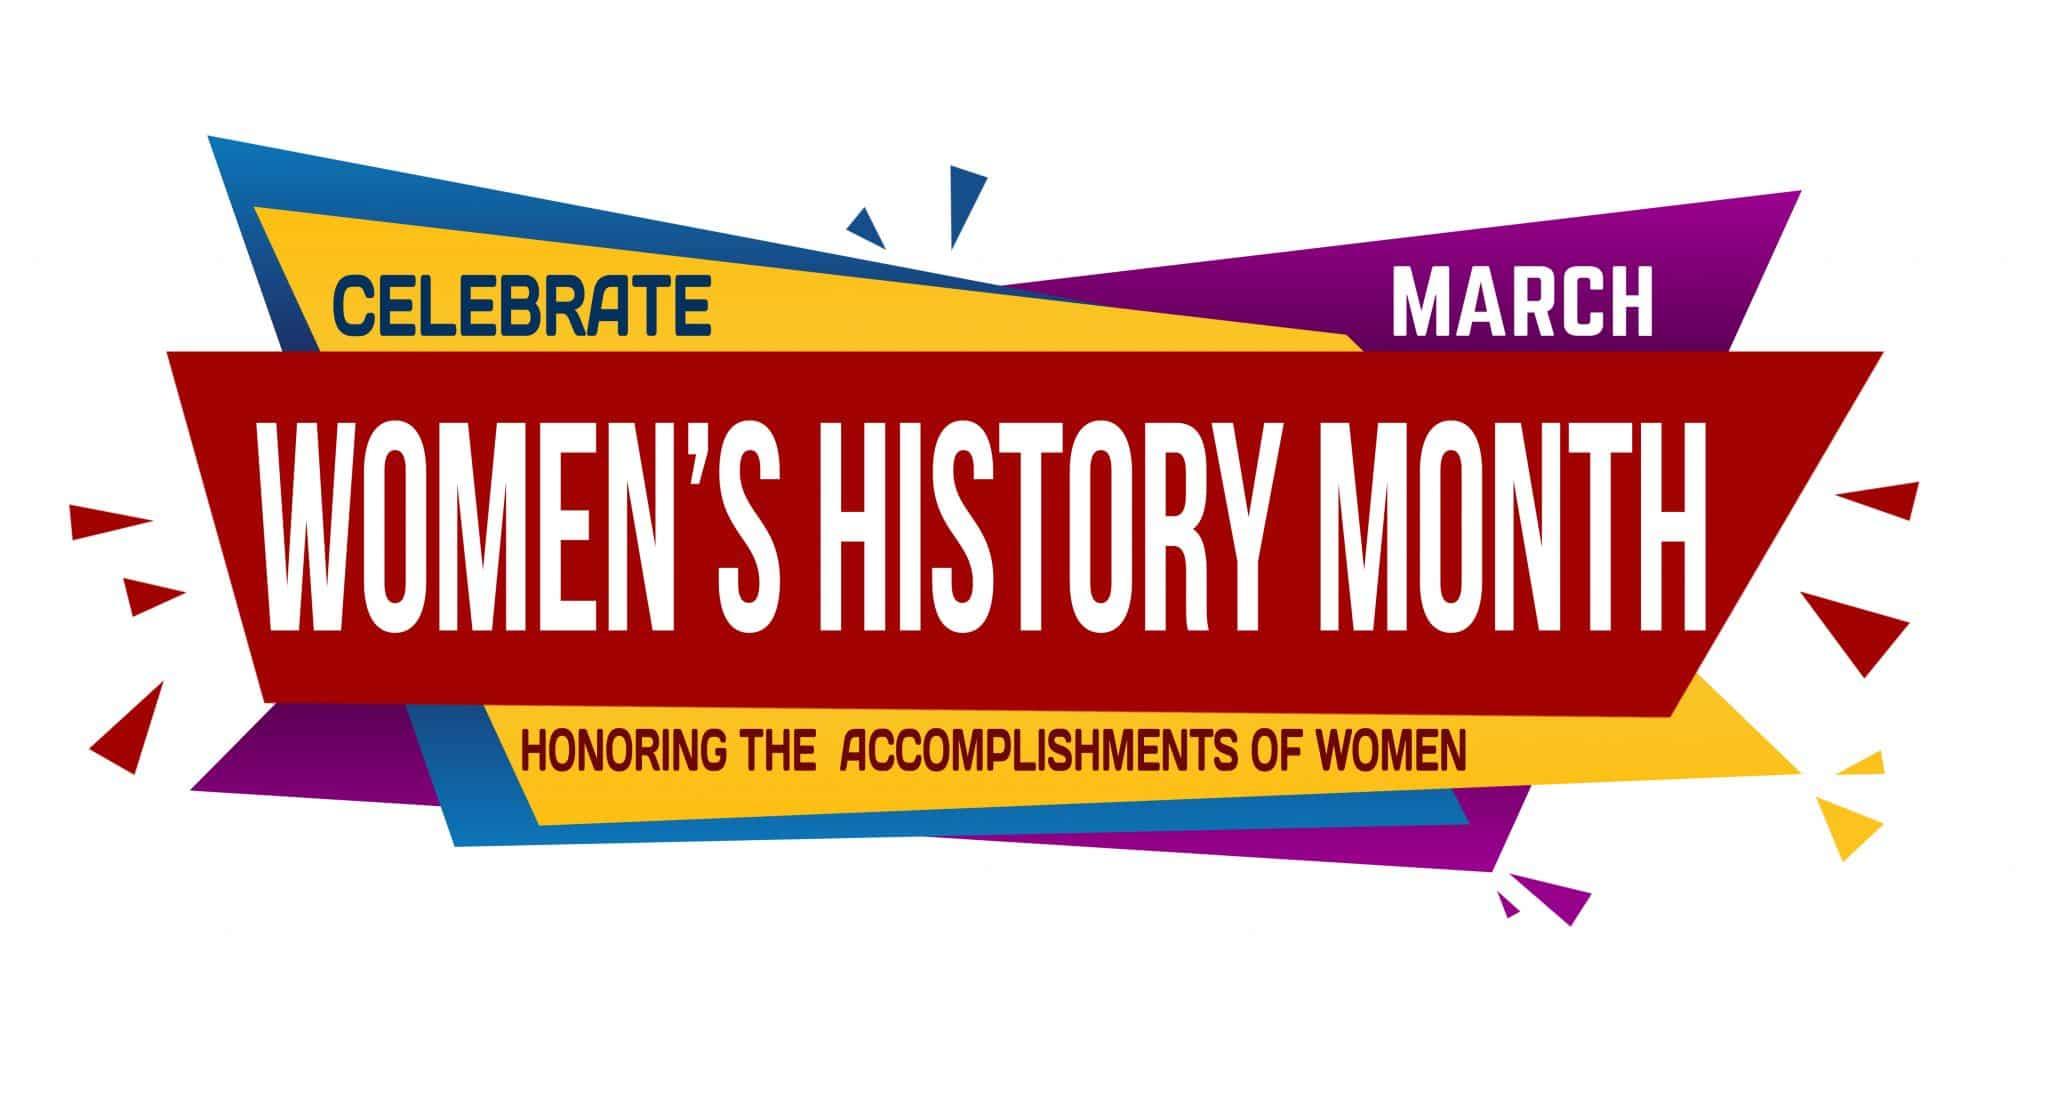 Women's history month banner design on white background, vector illustration